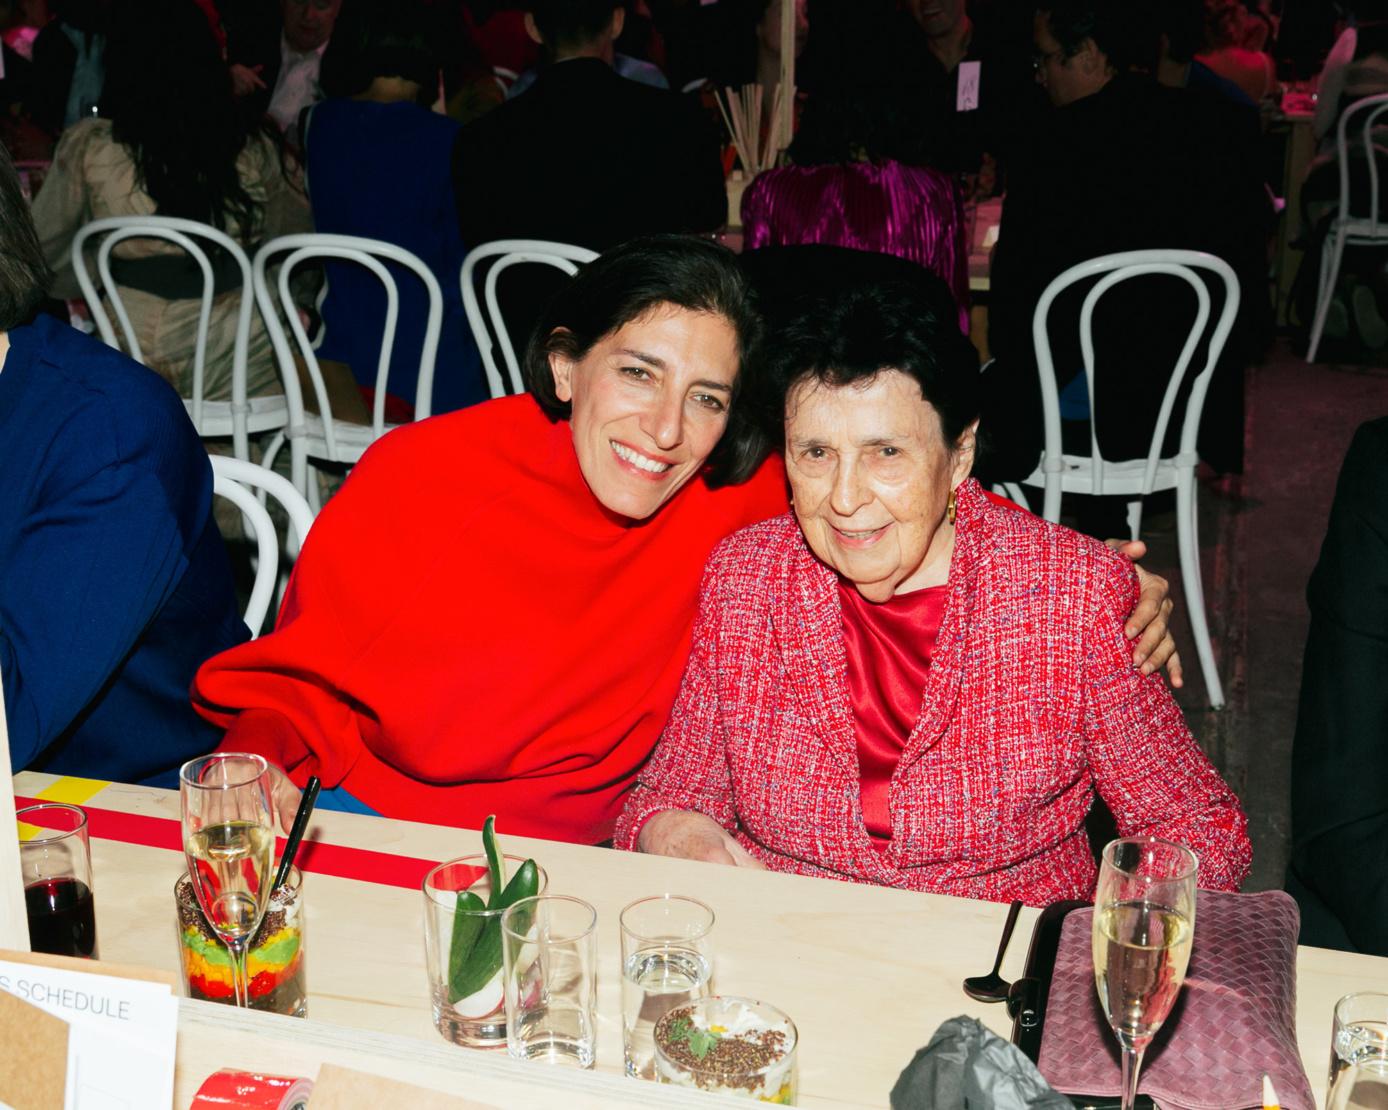 Nairy Baghramian and Marian Goodman